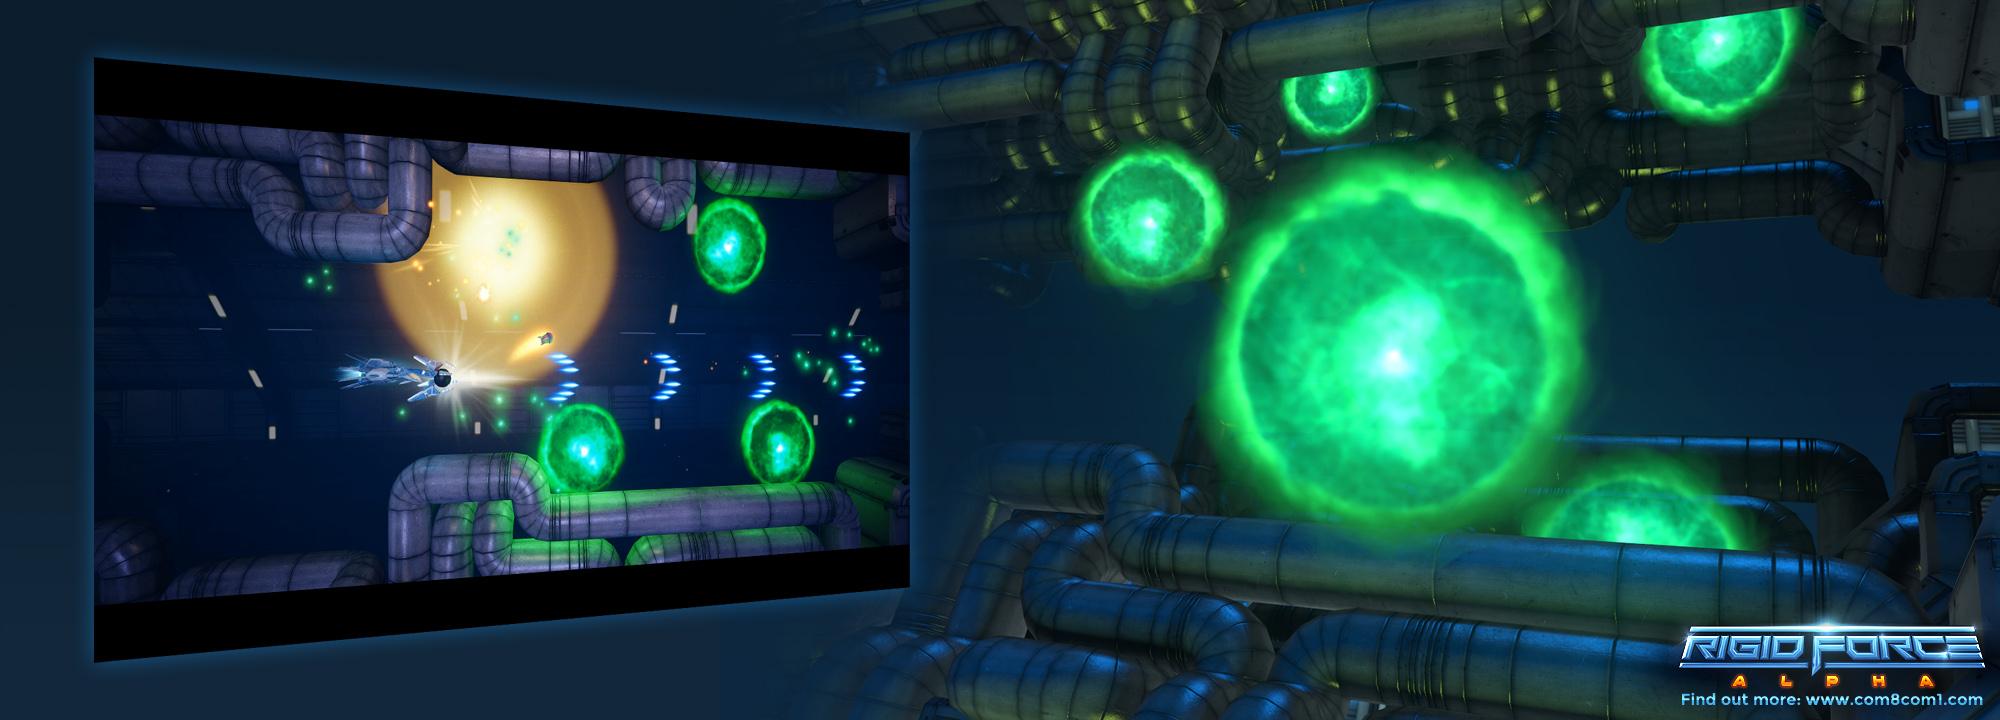 Enemies in Detail: The Plasma Sphere